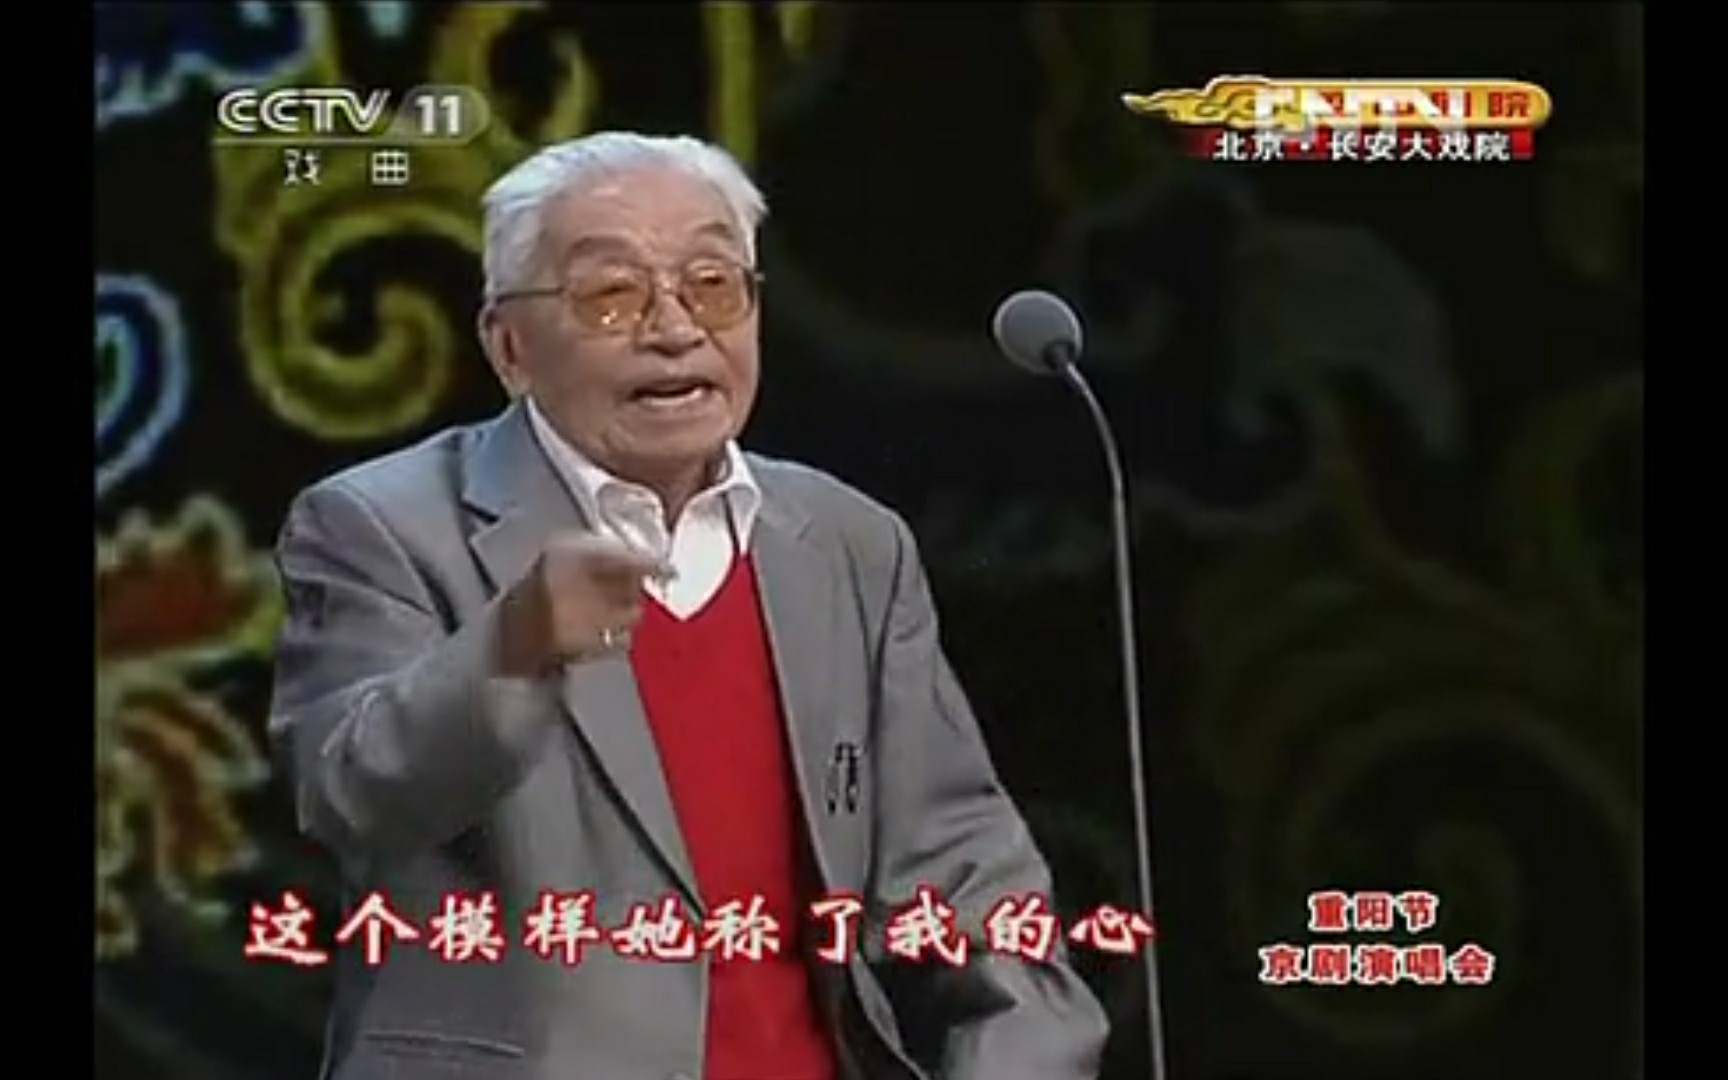 〔牧虎关〕95岁高龄王玉田老先生,这段很惊艳了